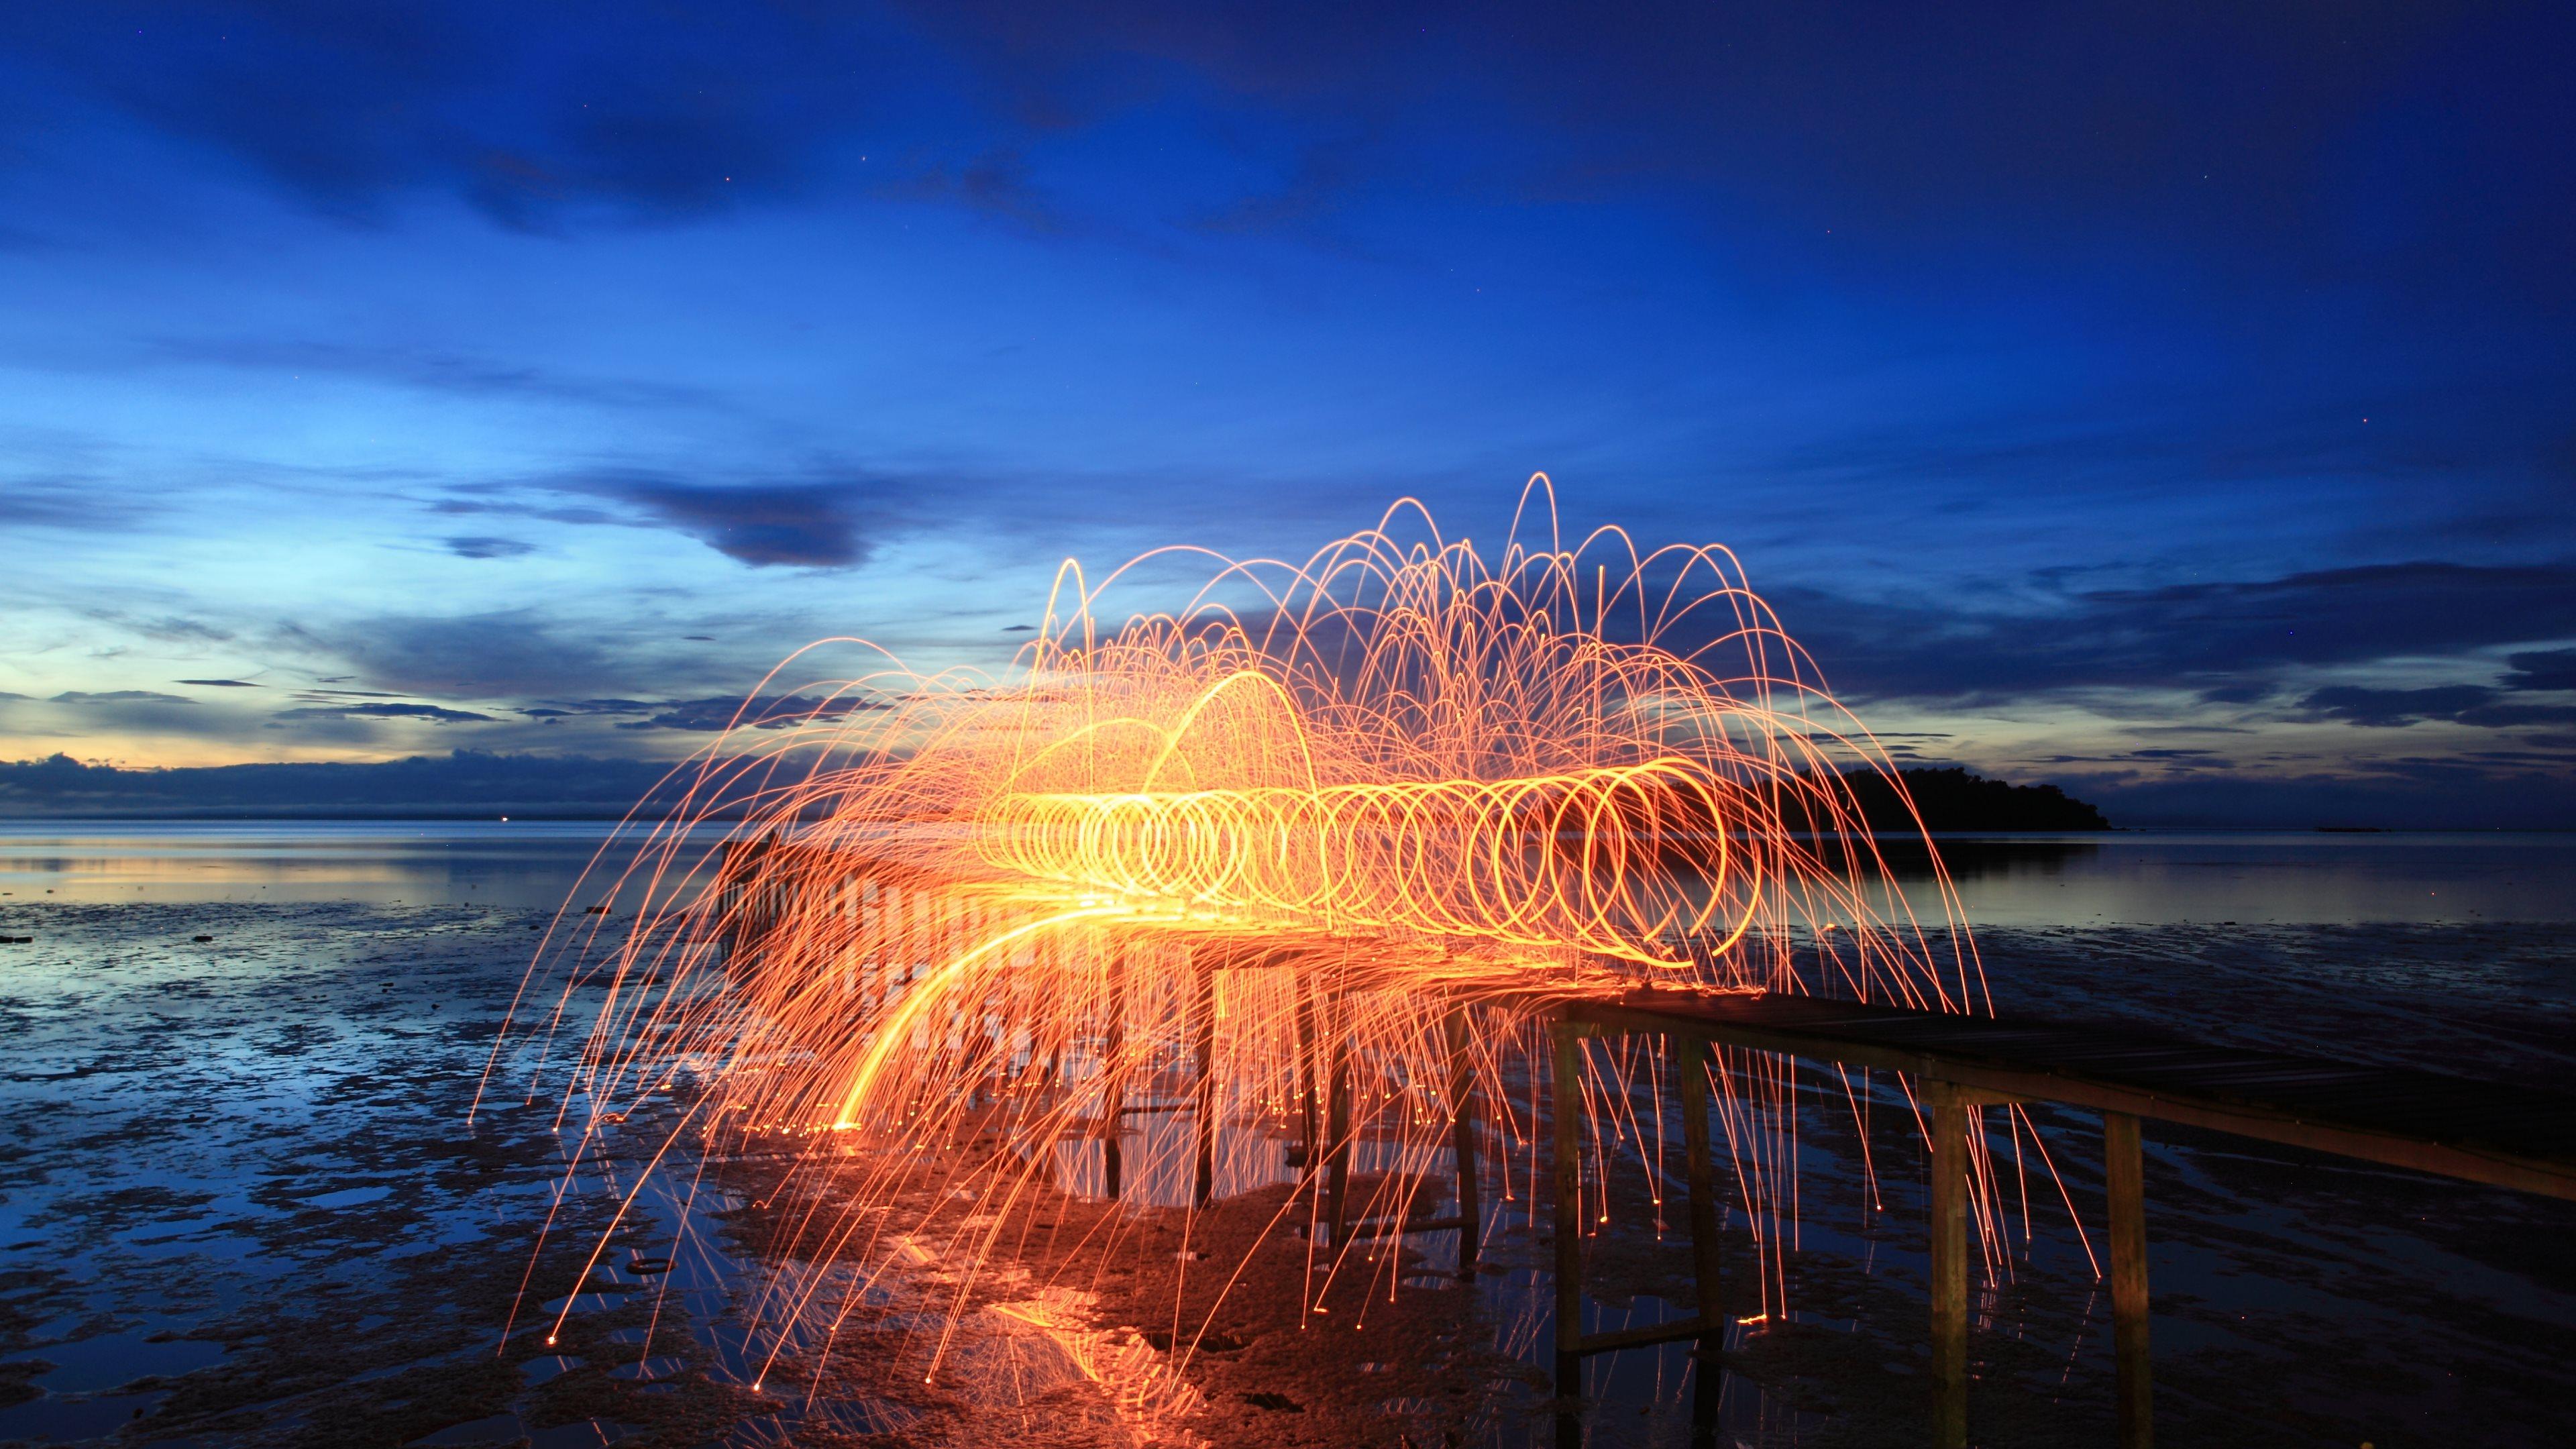 fireworks 4k Ultra HD Fond d'écran and Arrière-Plan | 3840x2160 | ID:549247